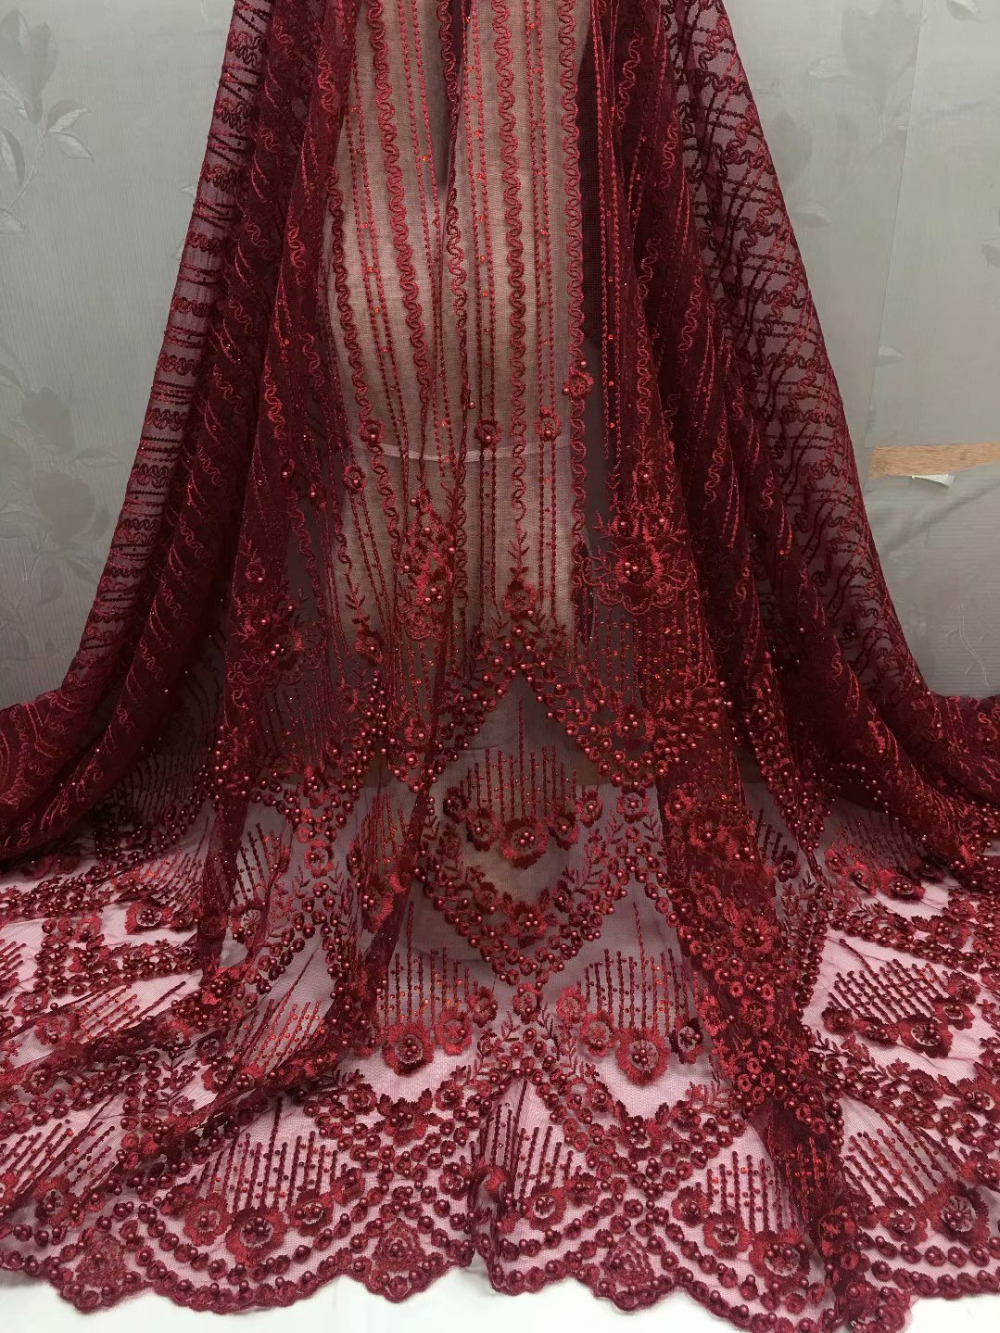 Elegante tela de tul nigeriano encaje francés con piedras cuentas 2018 tela de encaje de novia africana de alta calidad para vestido de novia dorado-in encaje from Hogar y Mascotas    3